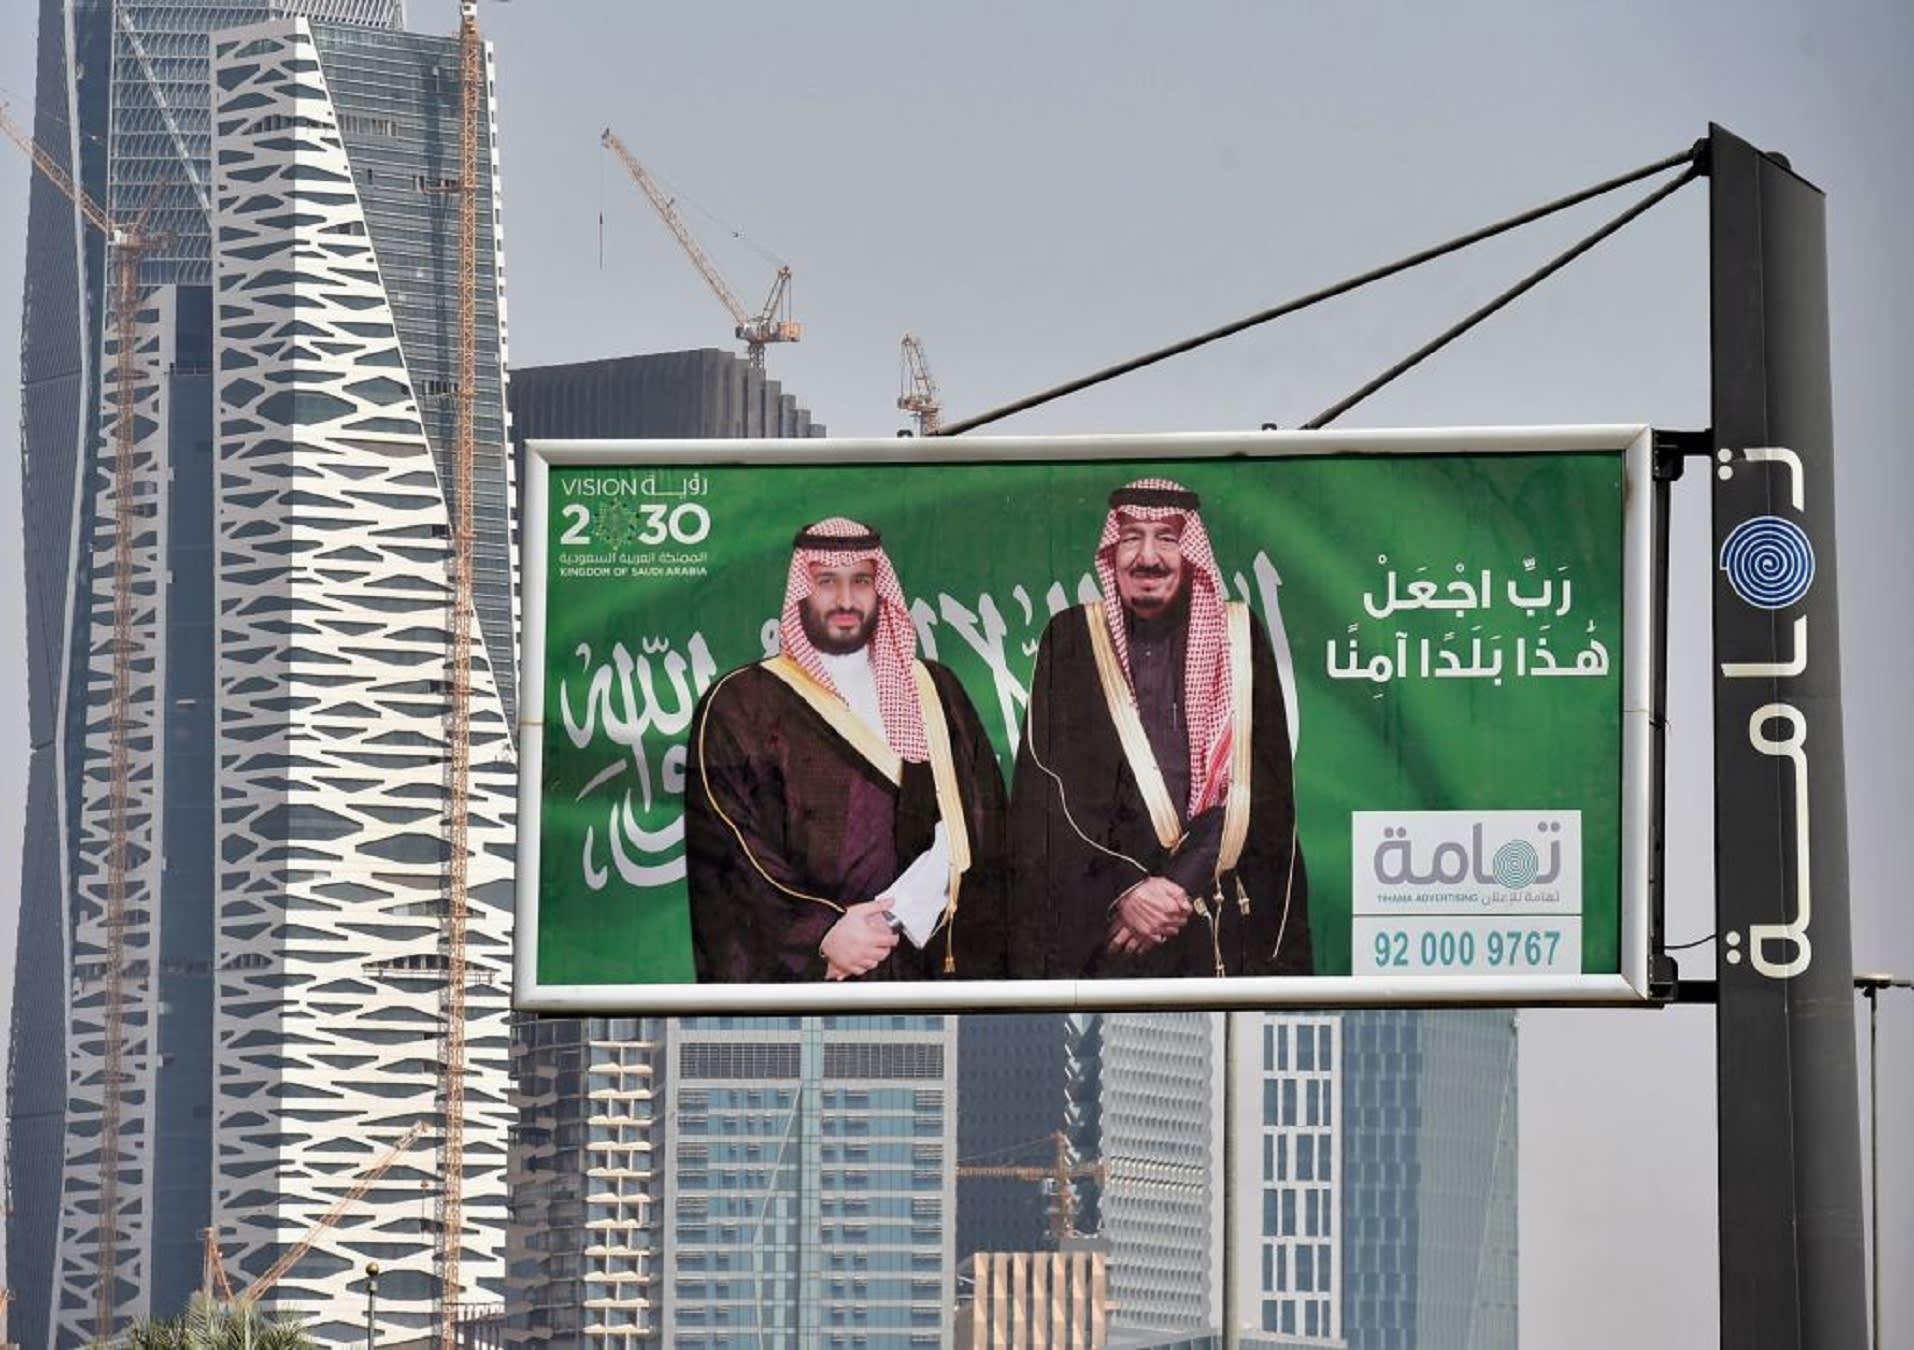 أمر ملكي بتدشين الهيئة السعودية للفضاء برئاسة سلطان بن سلمان